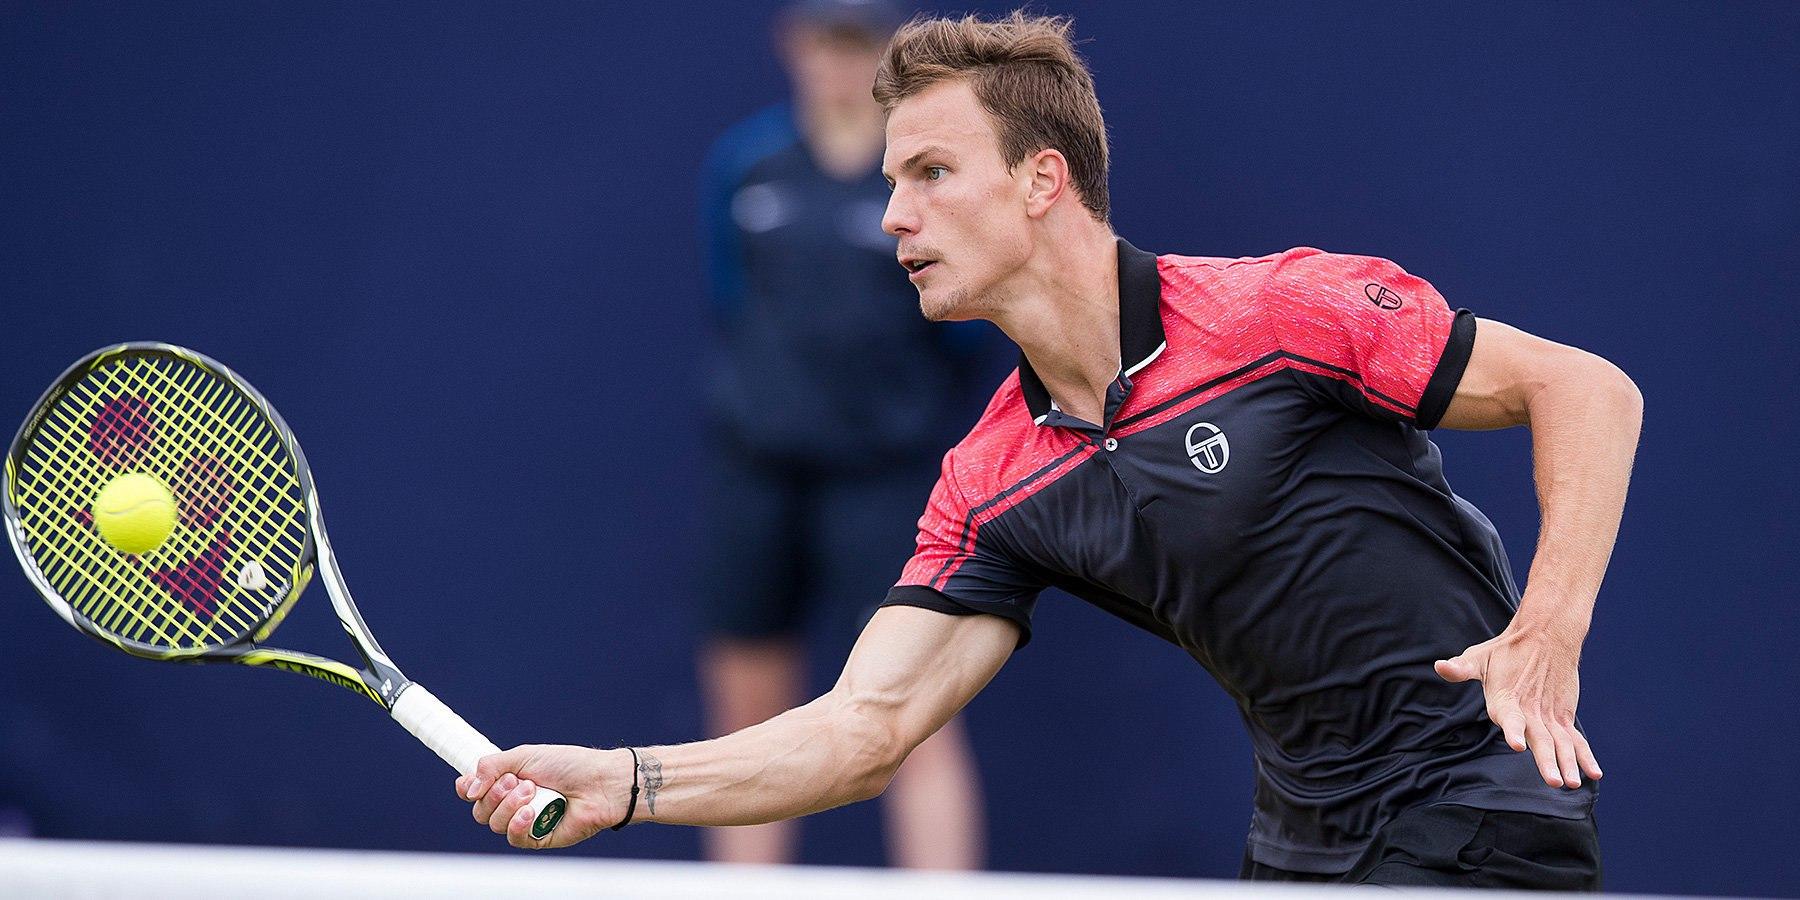 Ставки на матч Монфис – Джонсон, прогноз на теннис от 23.10.2018